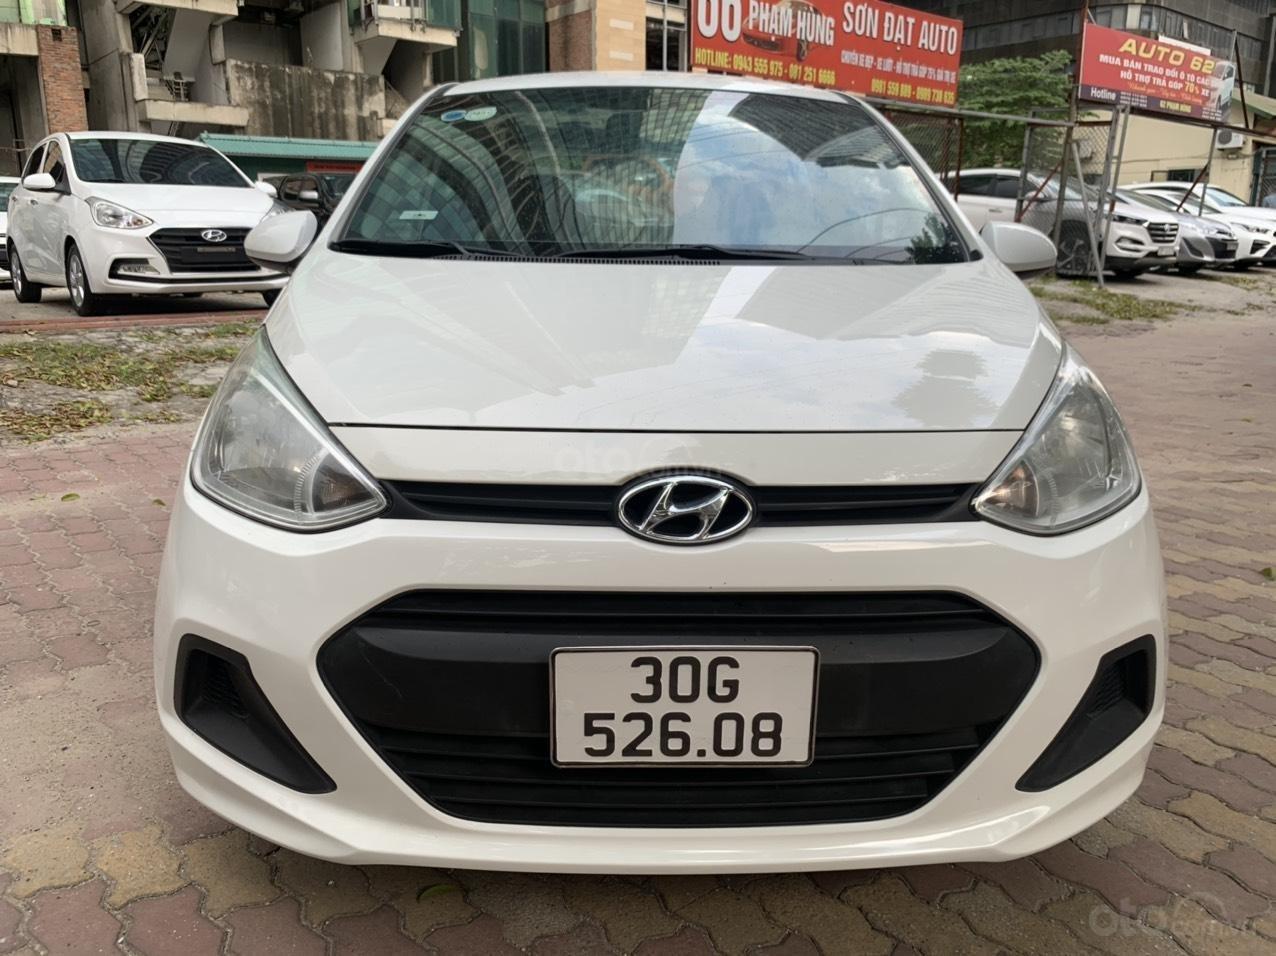 Cần bán xe Hyundai Grand i10 MT 1.0, sản xuất năm 2016 (1)